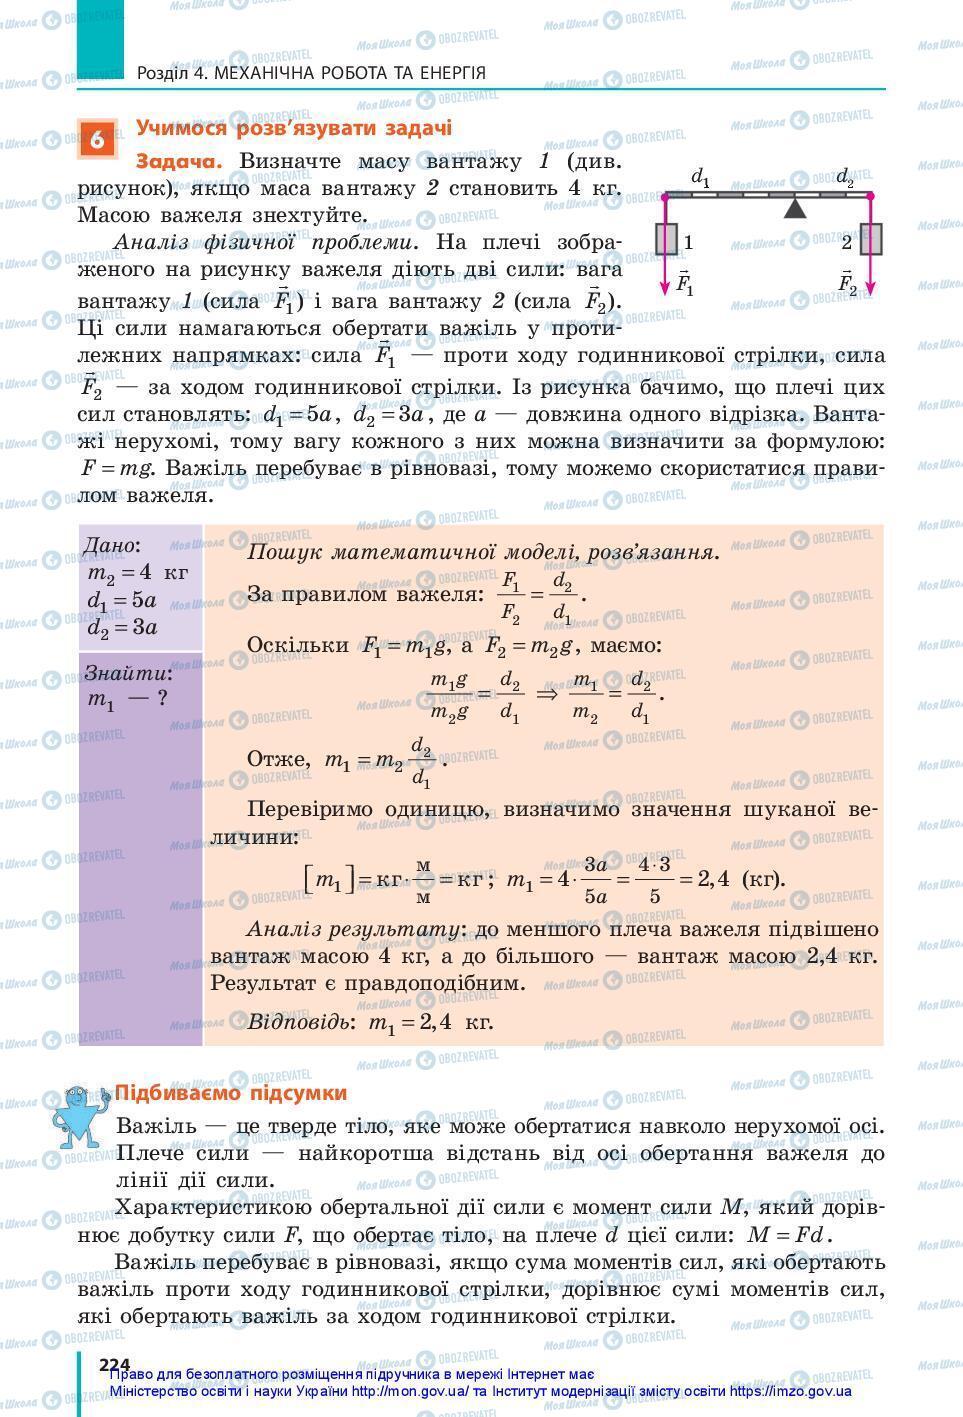 Підручники Фізика 7 клас сторінка 224